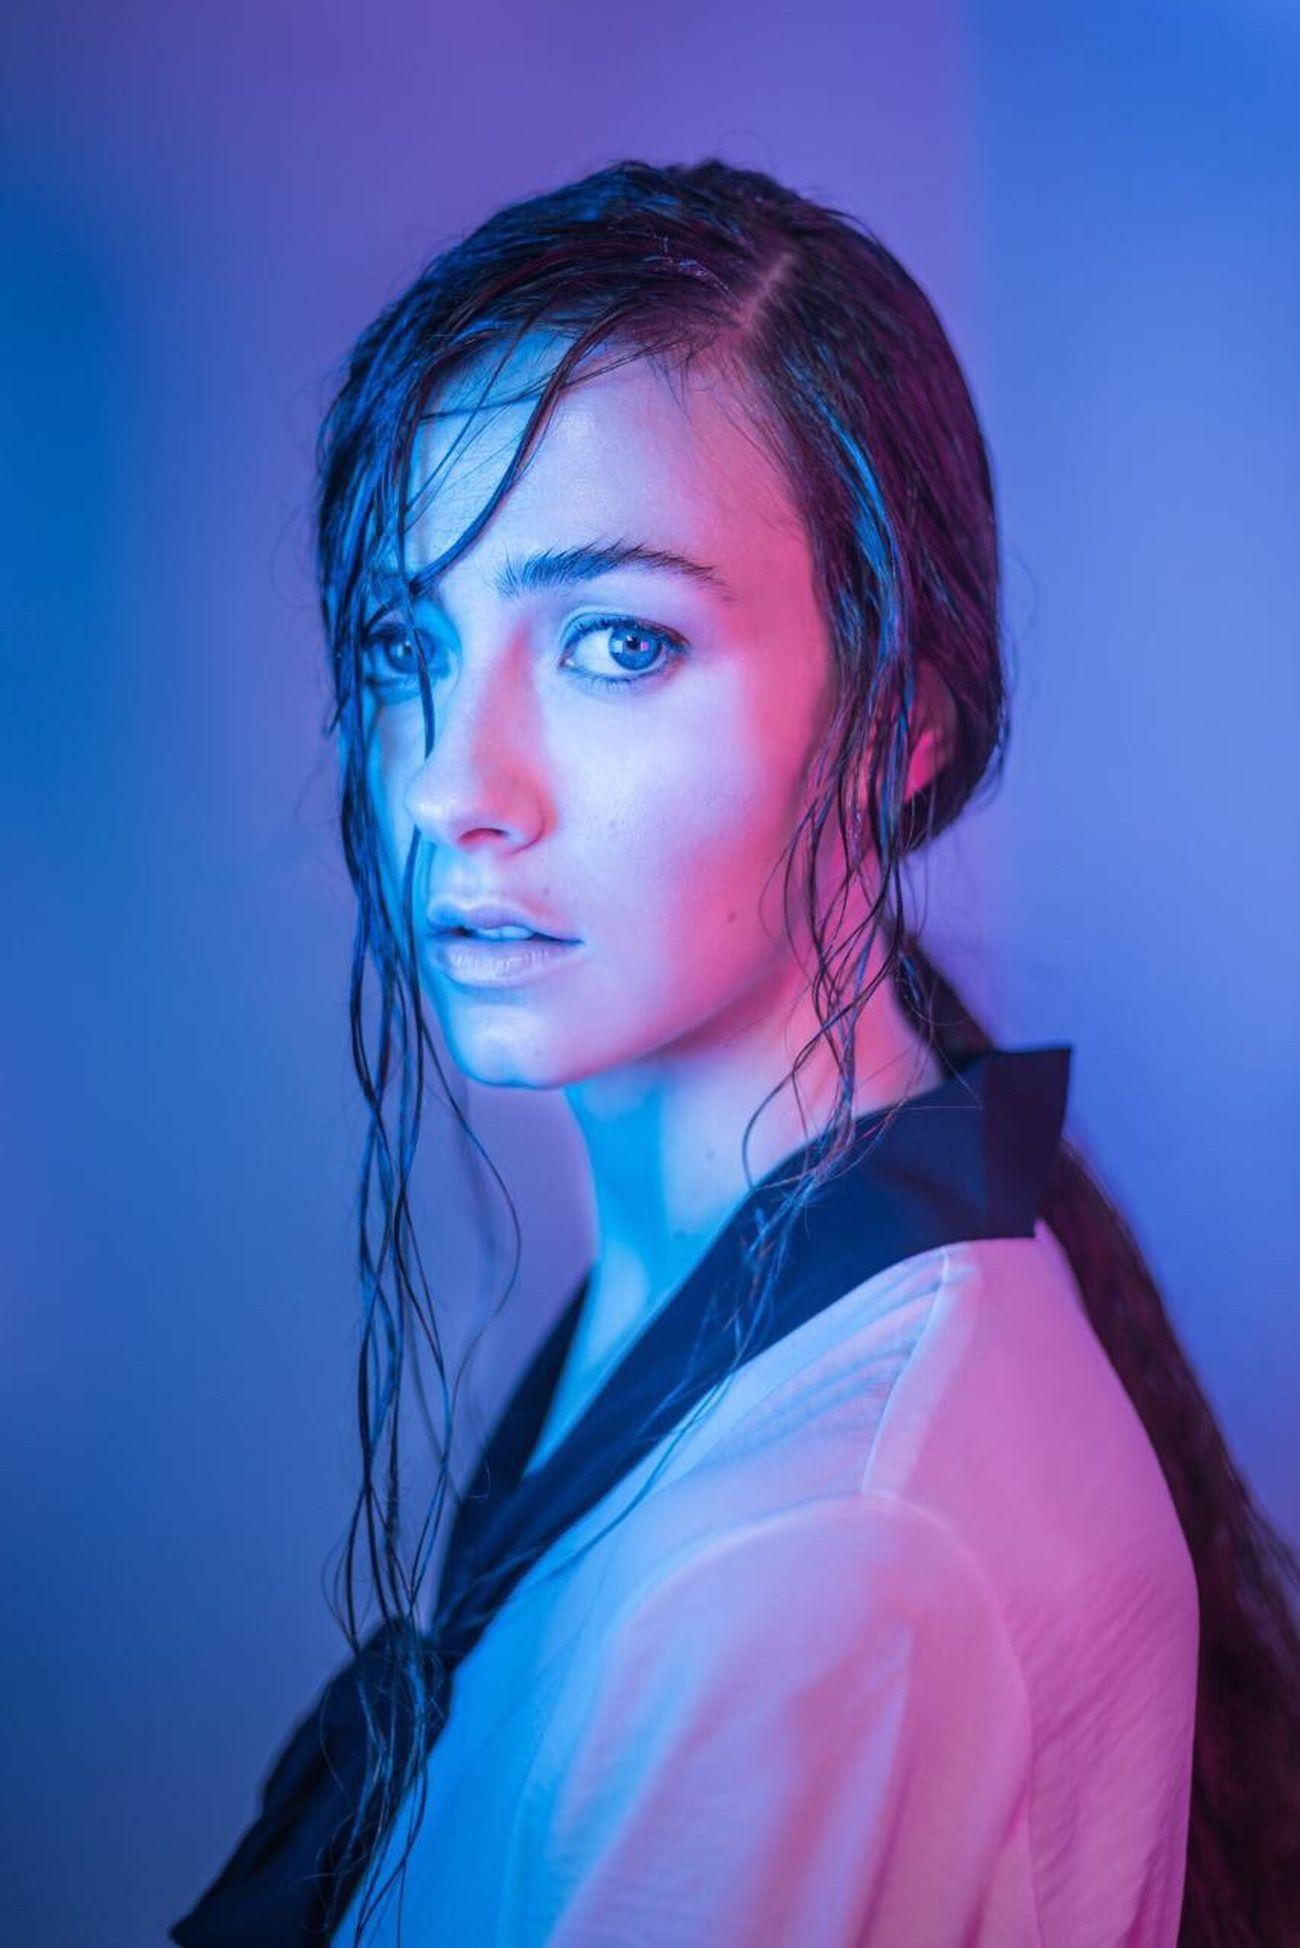 Neon Odetograce Bright Colourpop Model This Week On Eyeem TheWeekOnEyeEM